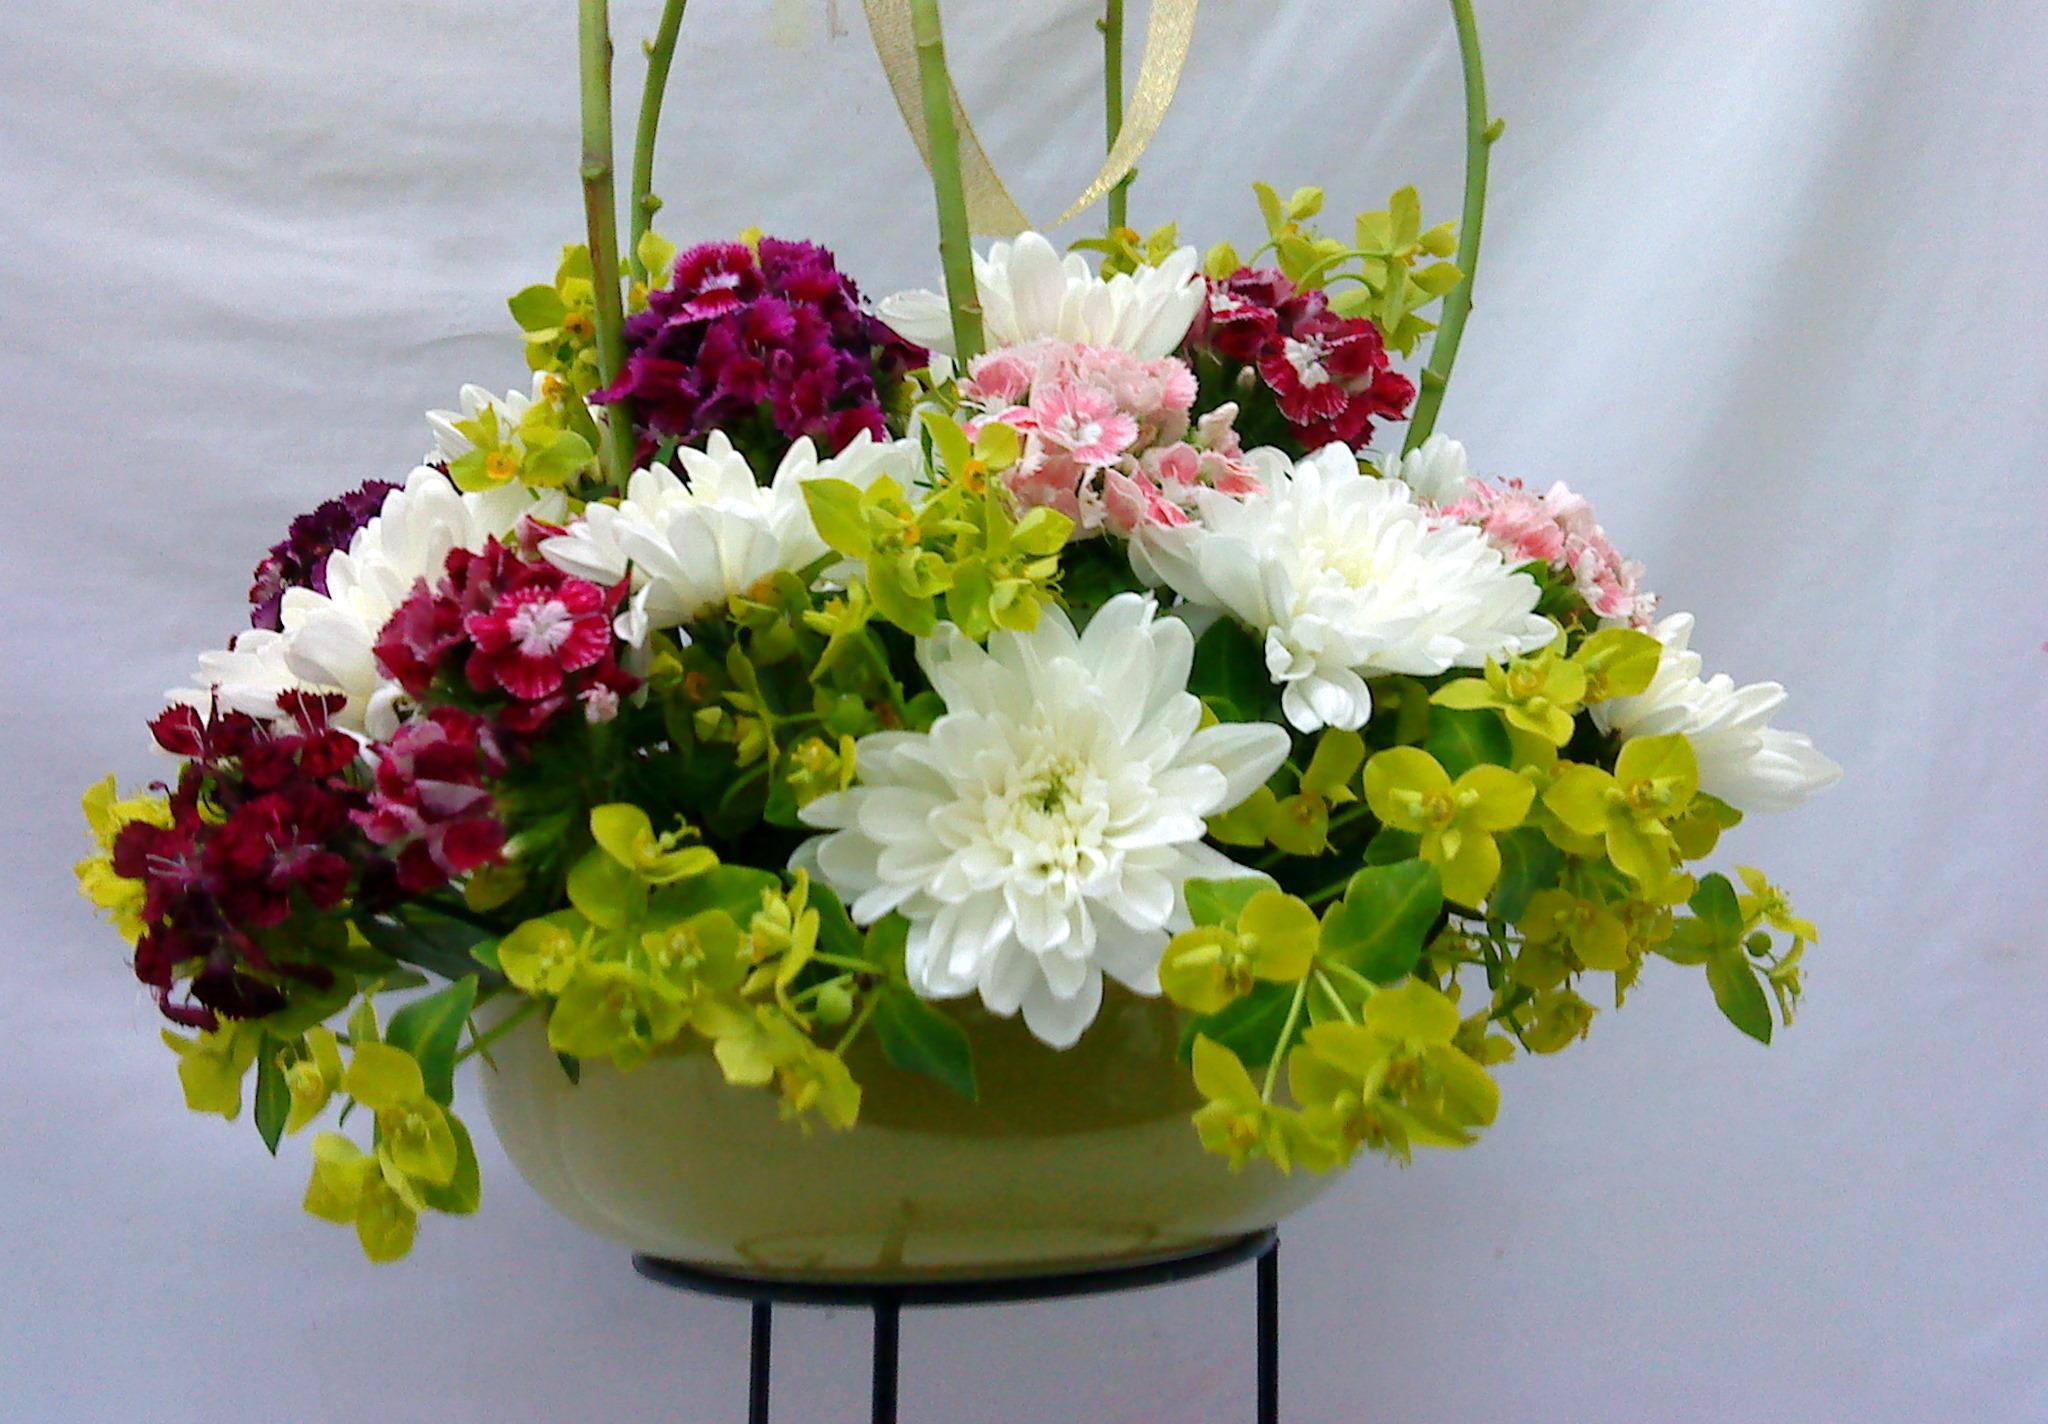 Cách giữ hoa cúc tươi lâu để bày trang trí ngày tết